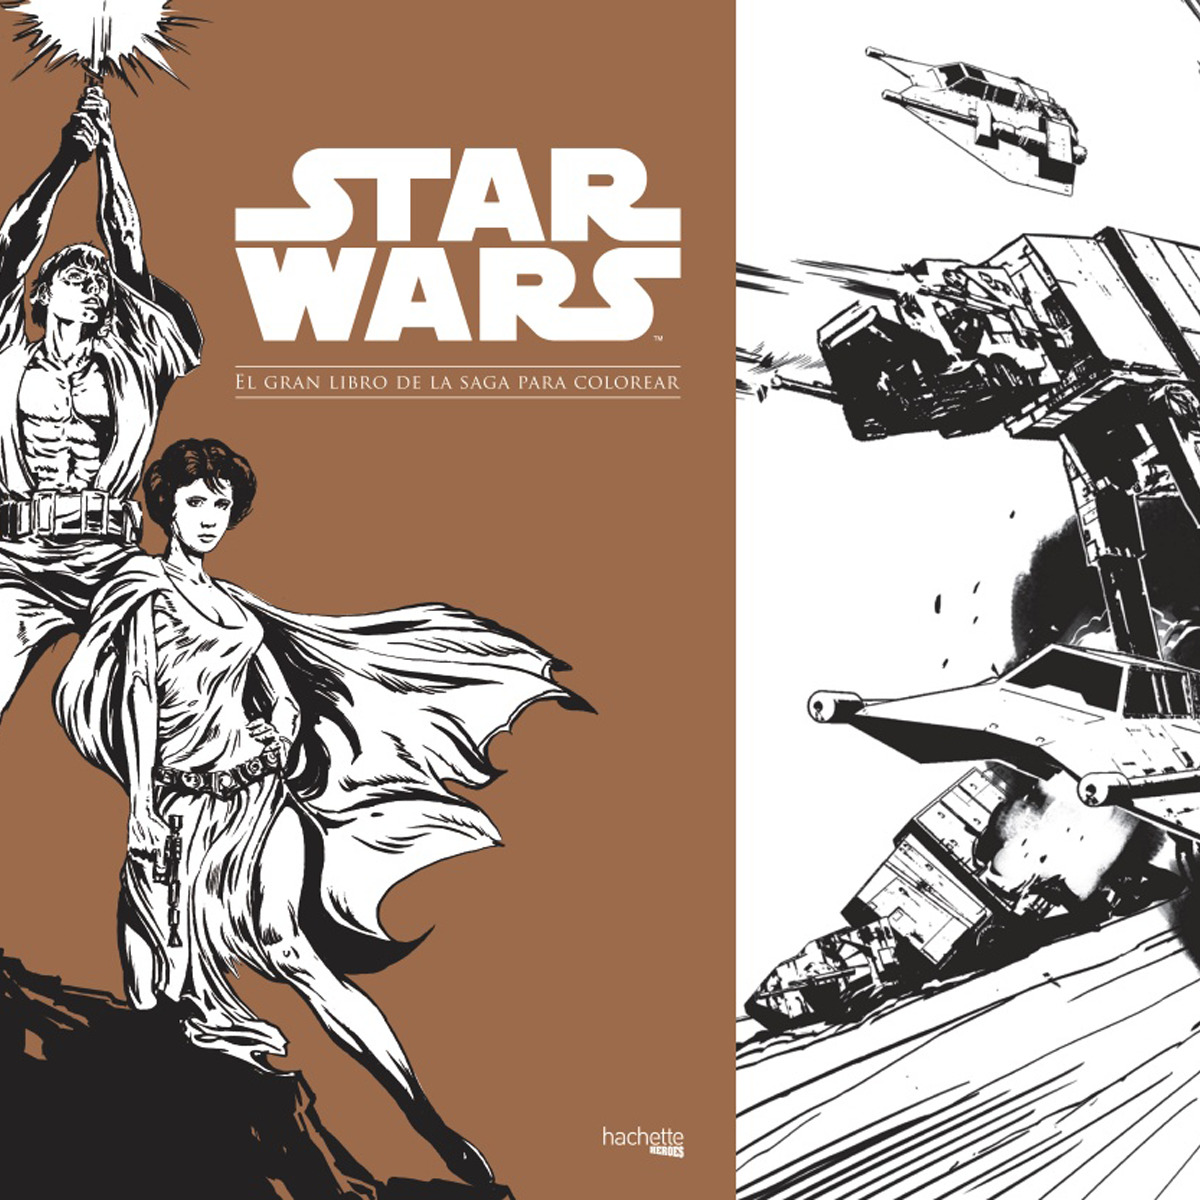 Star Wars: El Gran Libro De La Saga Para Colorear